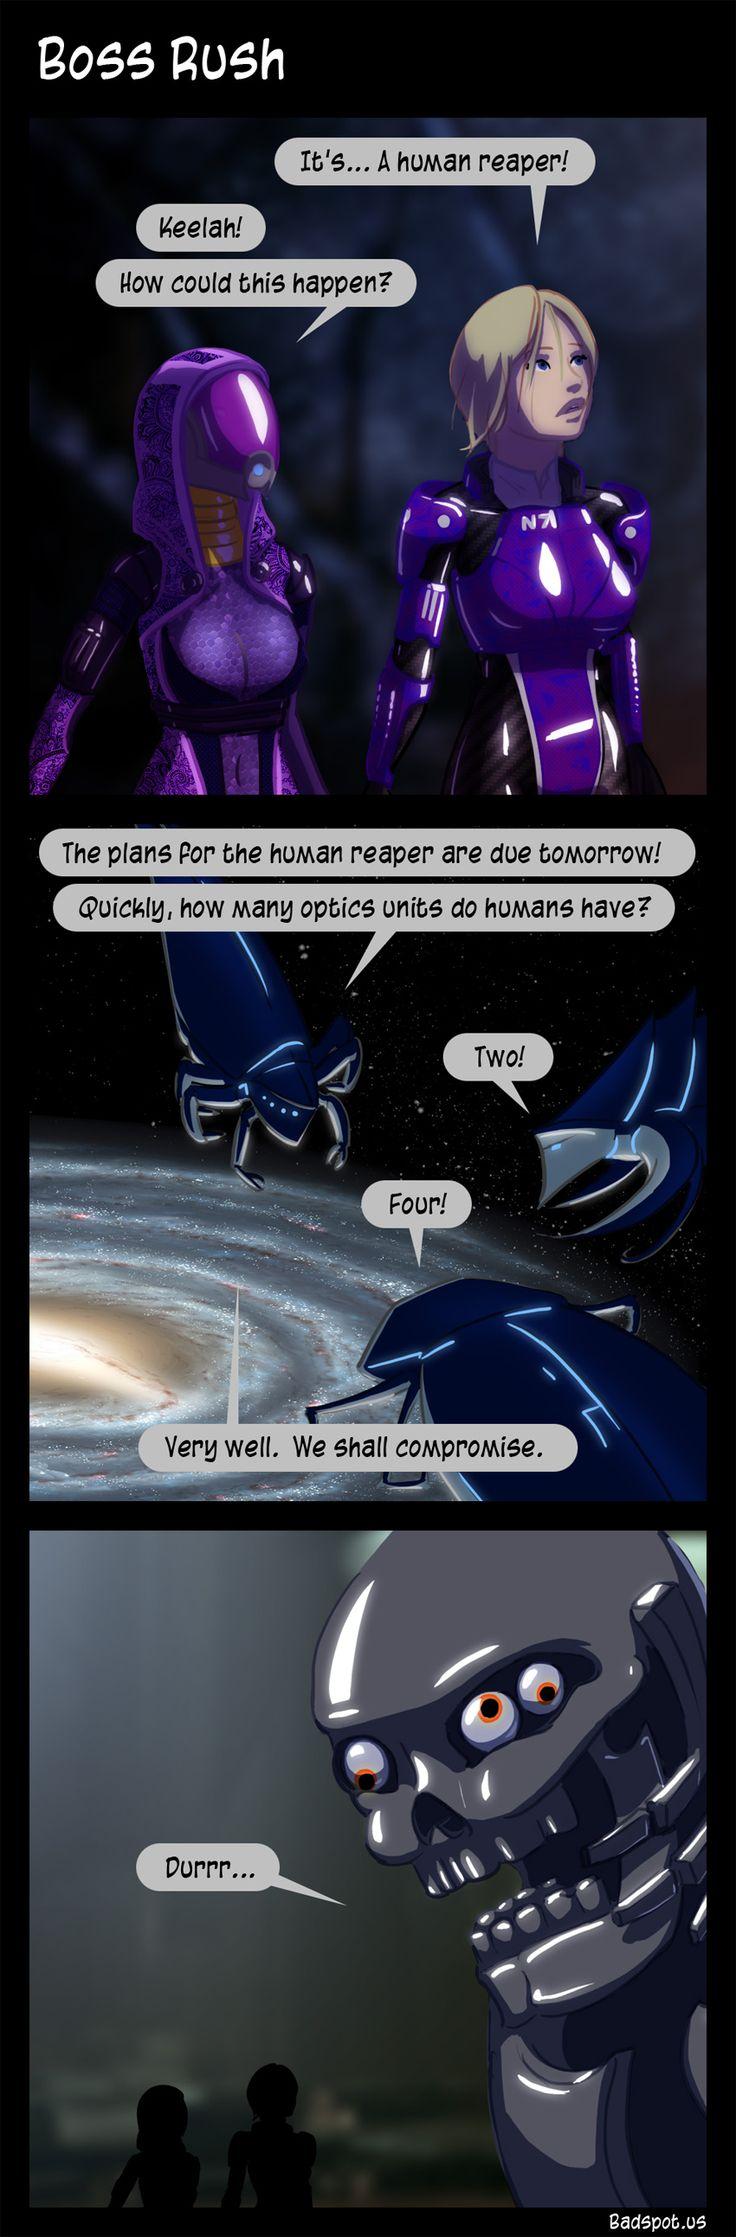 Mass Effect Comic - Boss Rush. The Human Reaper had to ship ...